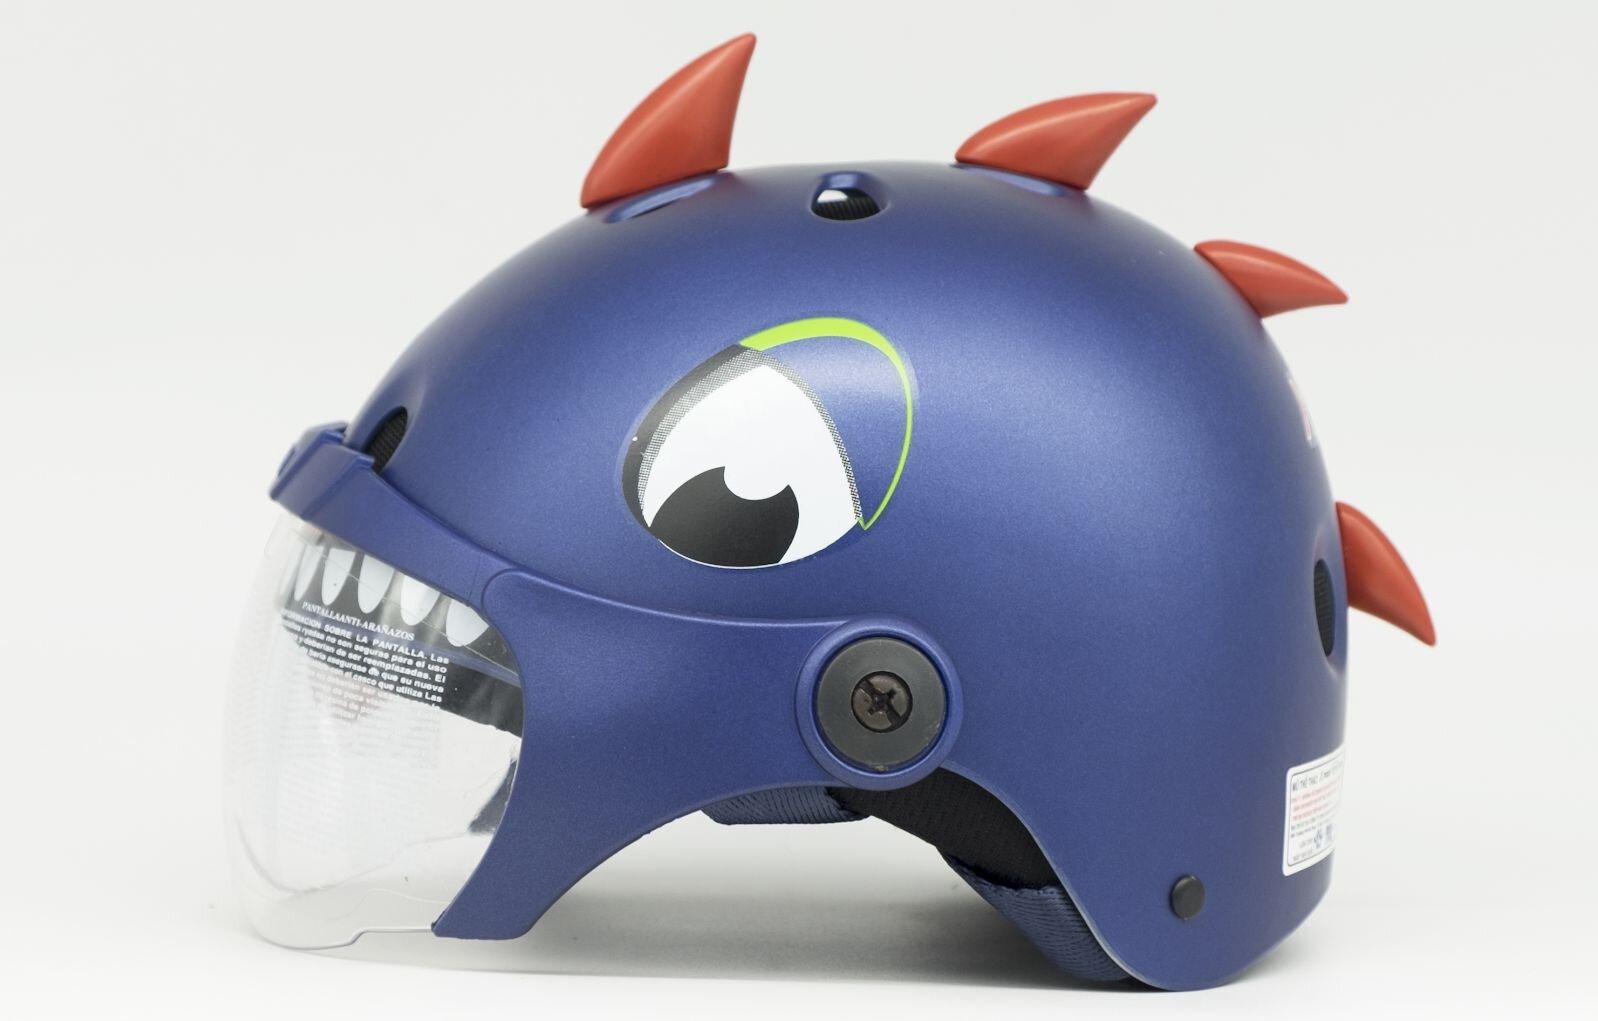 Mũ bảo hiểm thể thao trẻ em XPro X100 hình khủng long hoạ tiết ngỗ nghĩnh, đáng yêu bắt mắt